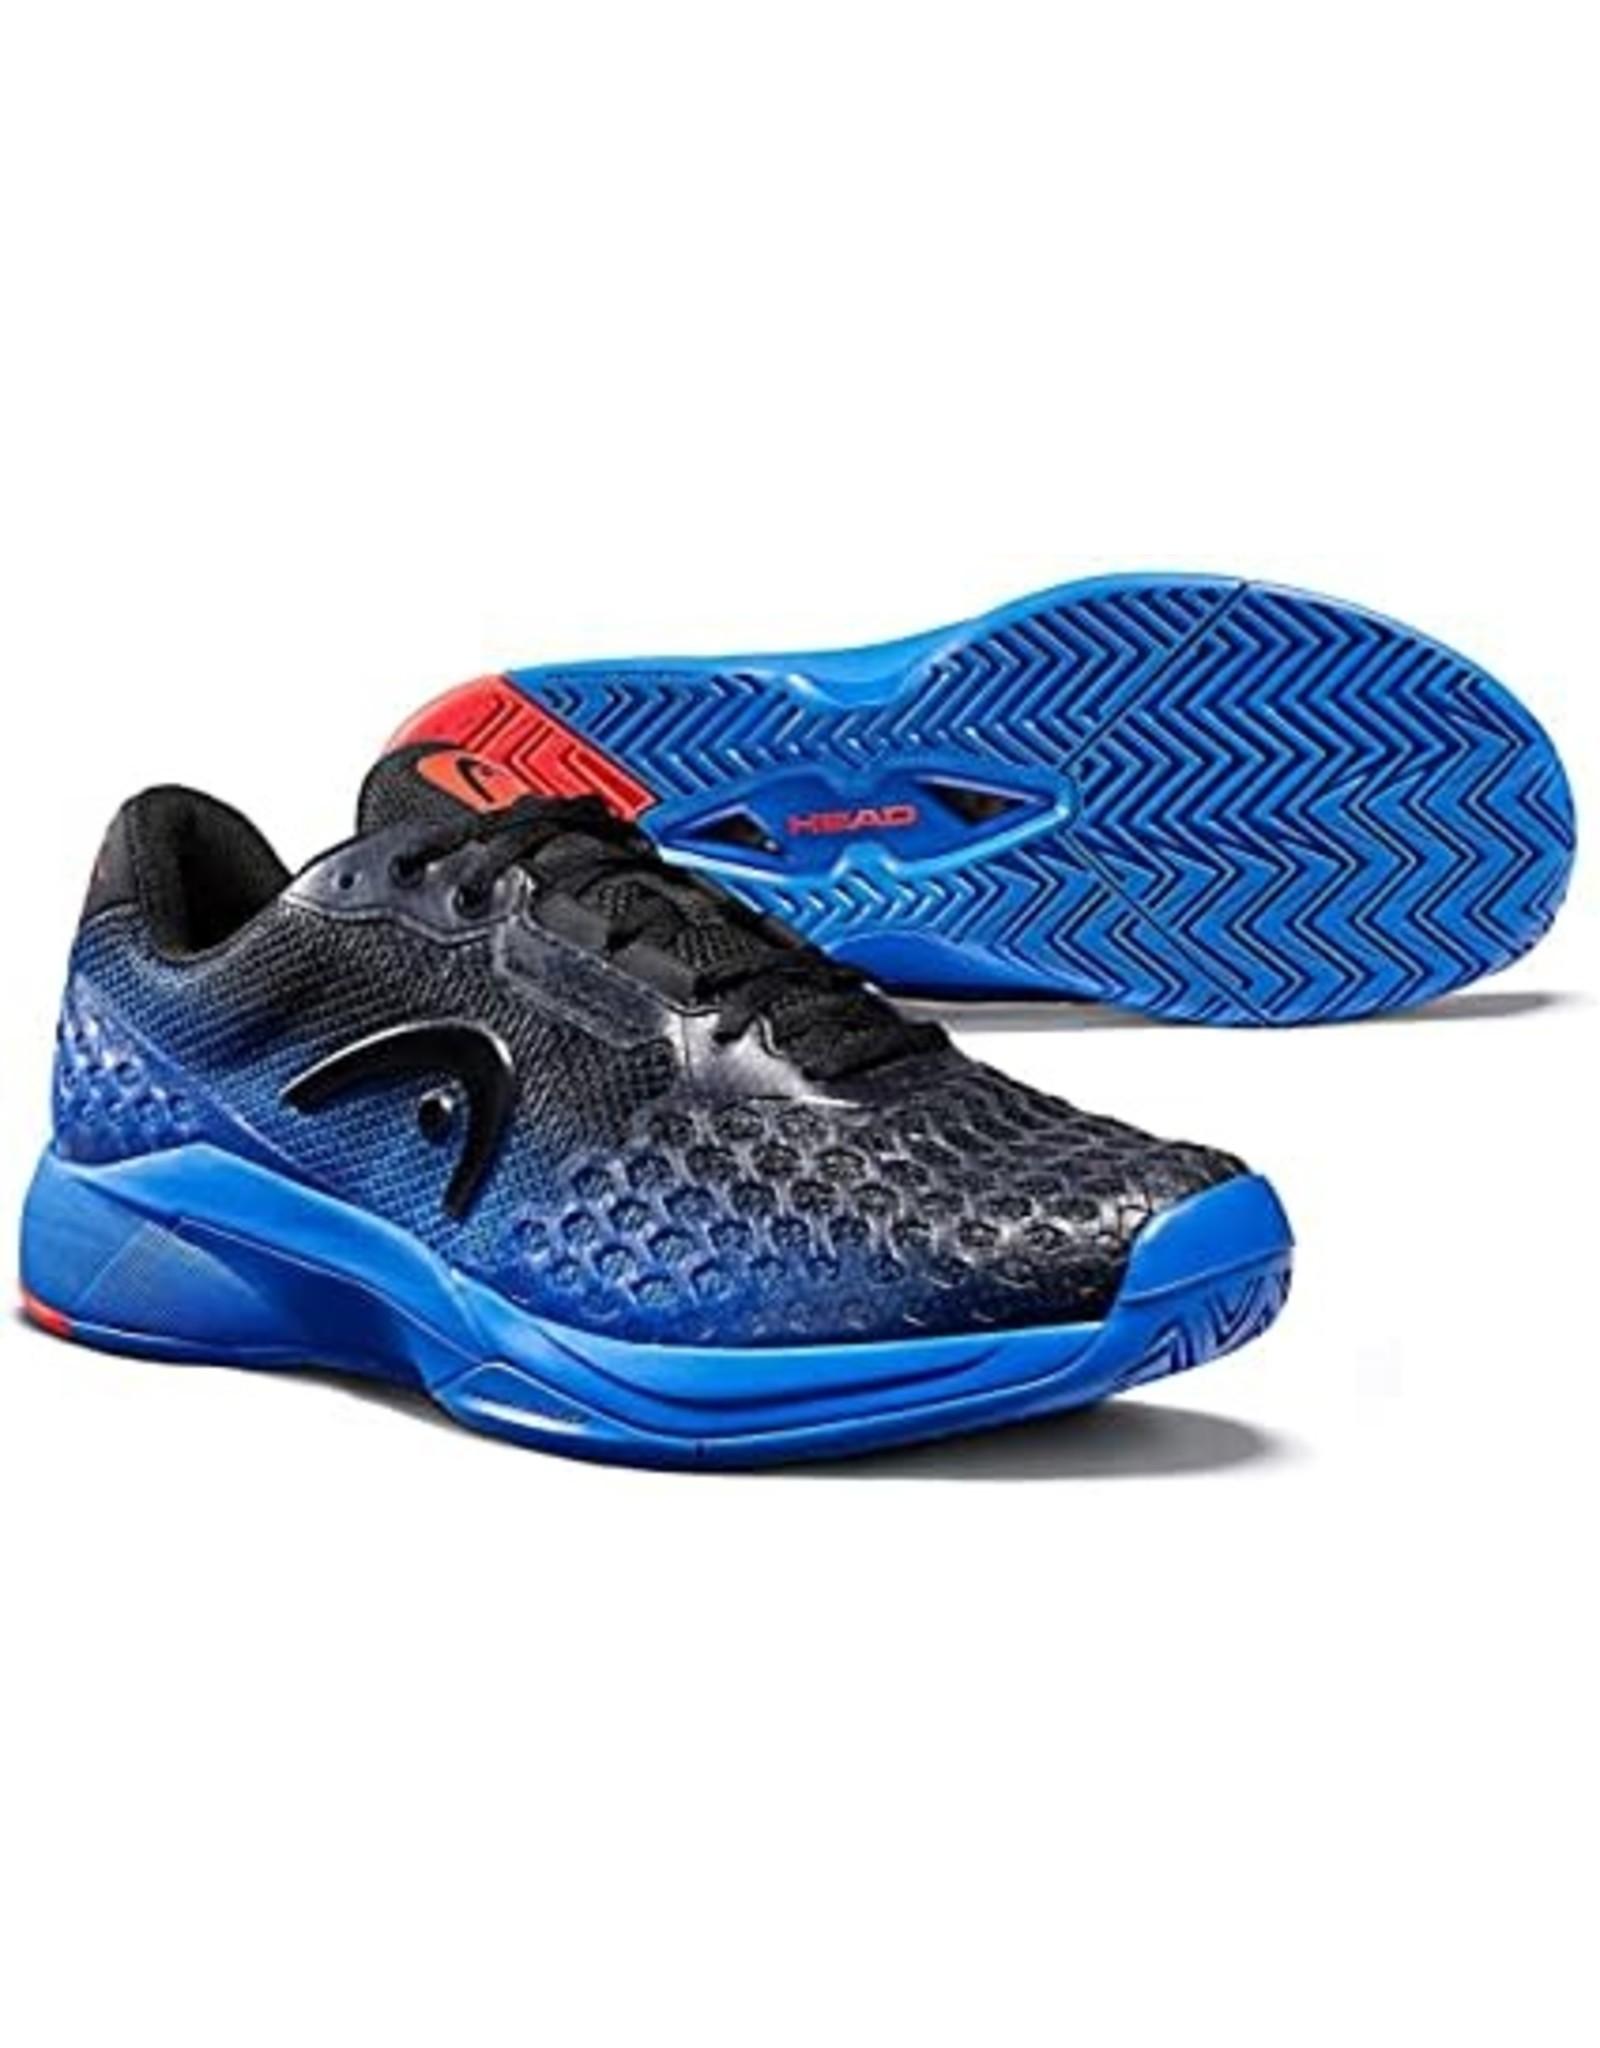 Head Head Revolt Pro 3.0 Men's Shoe